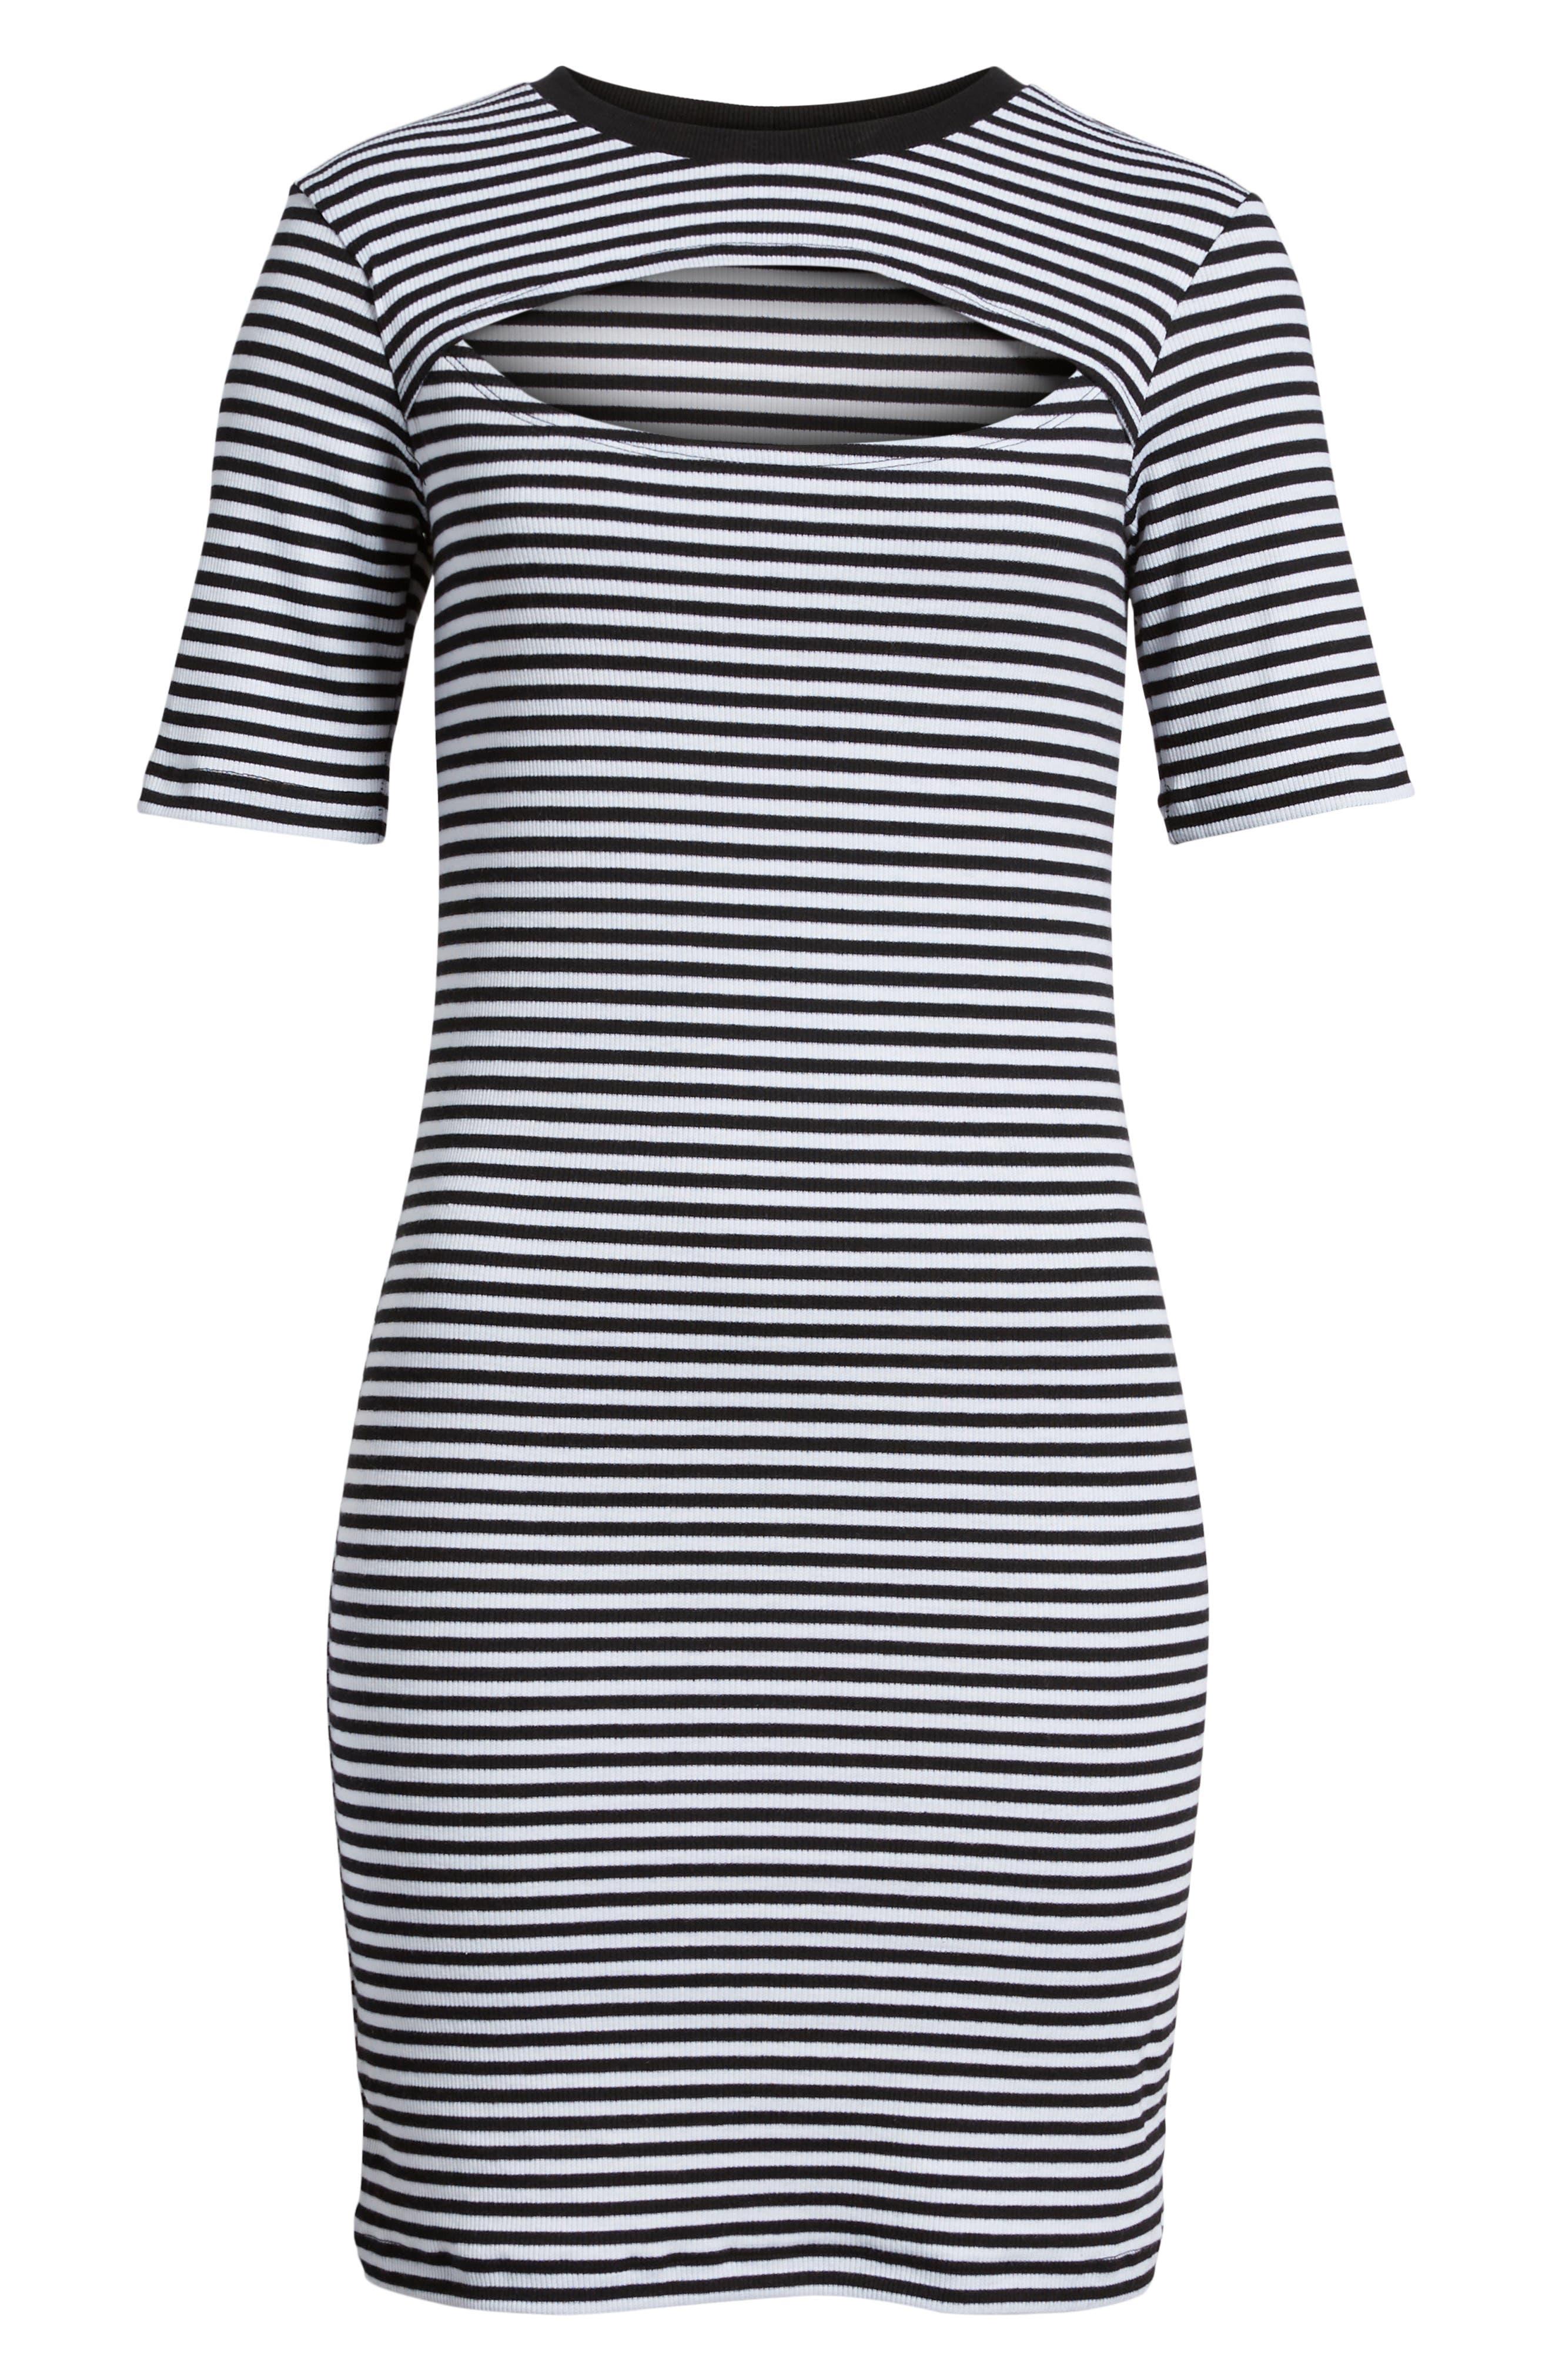 Stripe Cutout Dress,                             Alternate thumbnail 7, color,                             Black W White